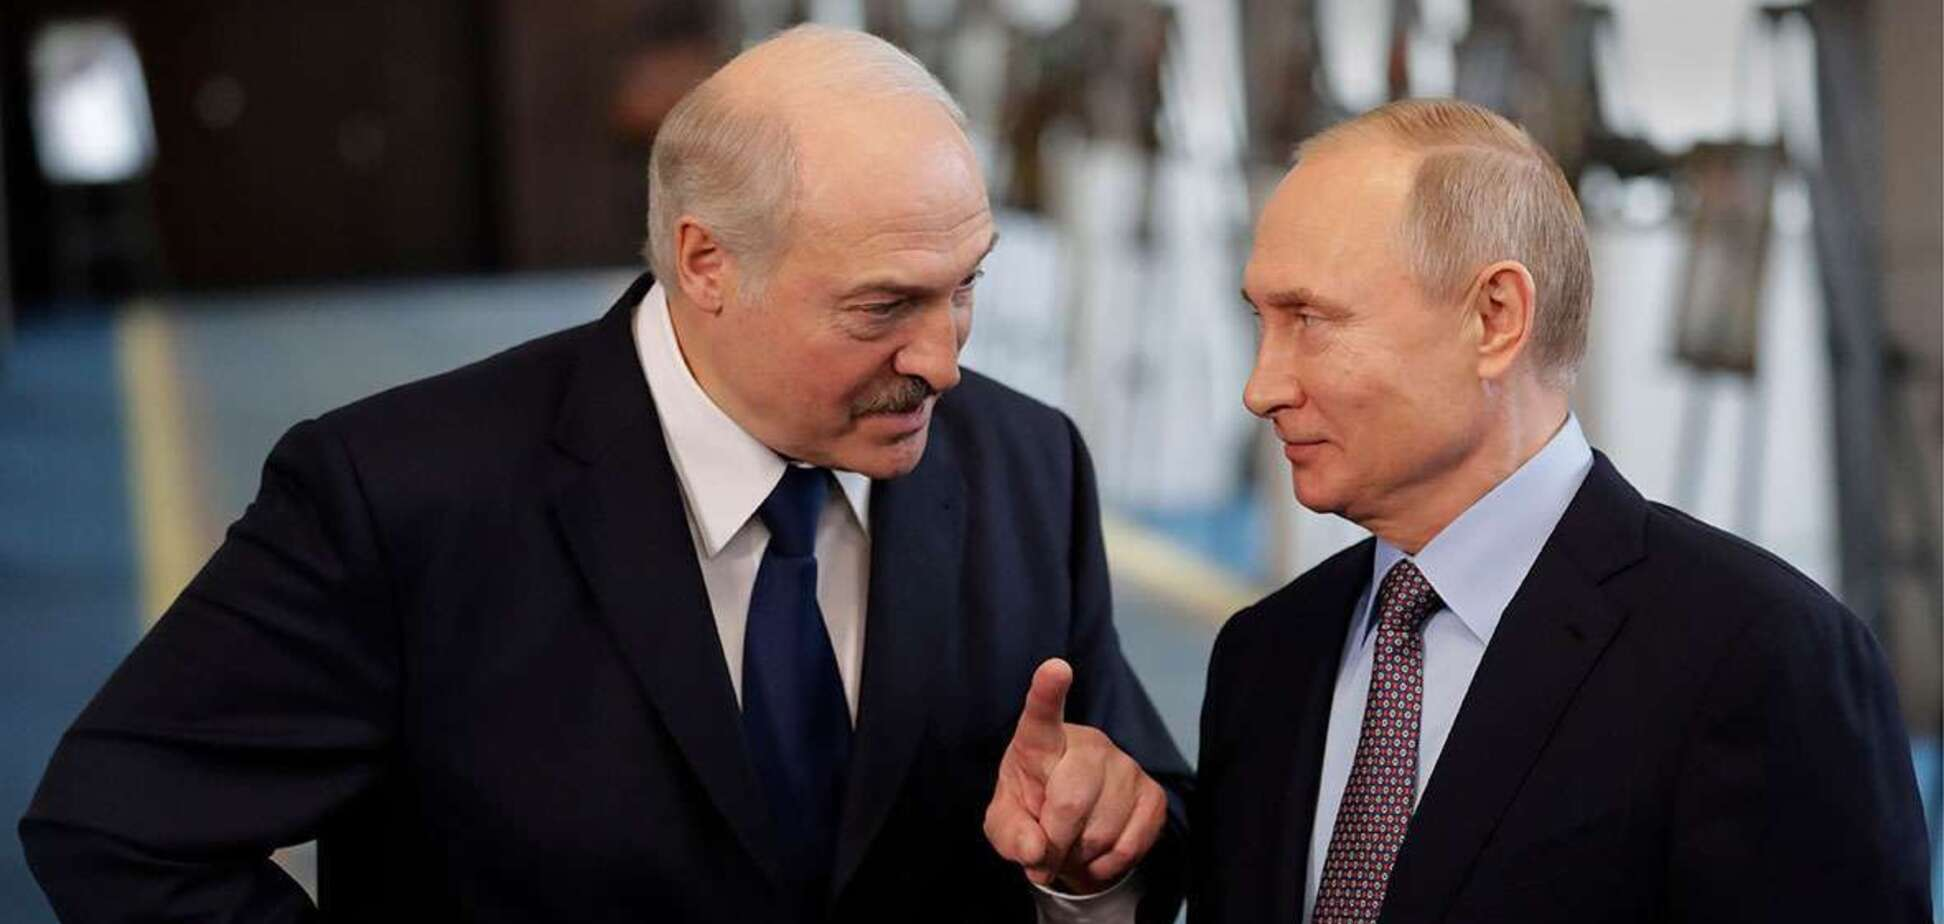 Президент Беларуси Александр Лукашенко с коллегой Владимиром Путиным. Источник: Твои новости Гомель